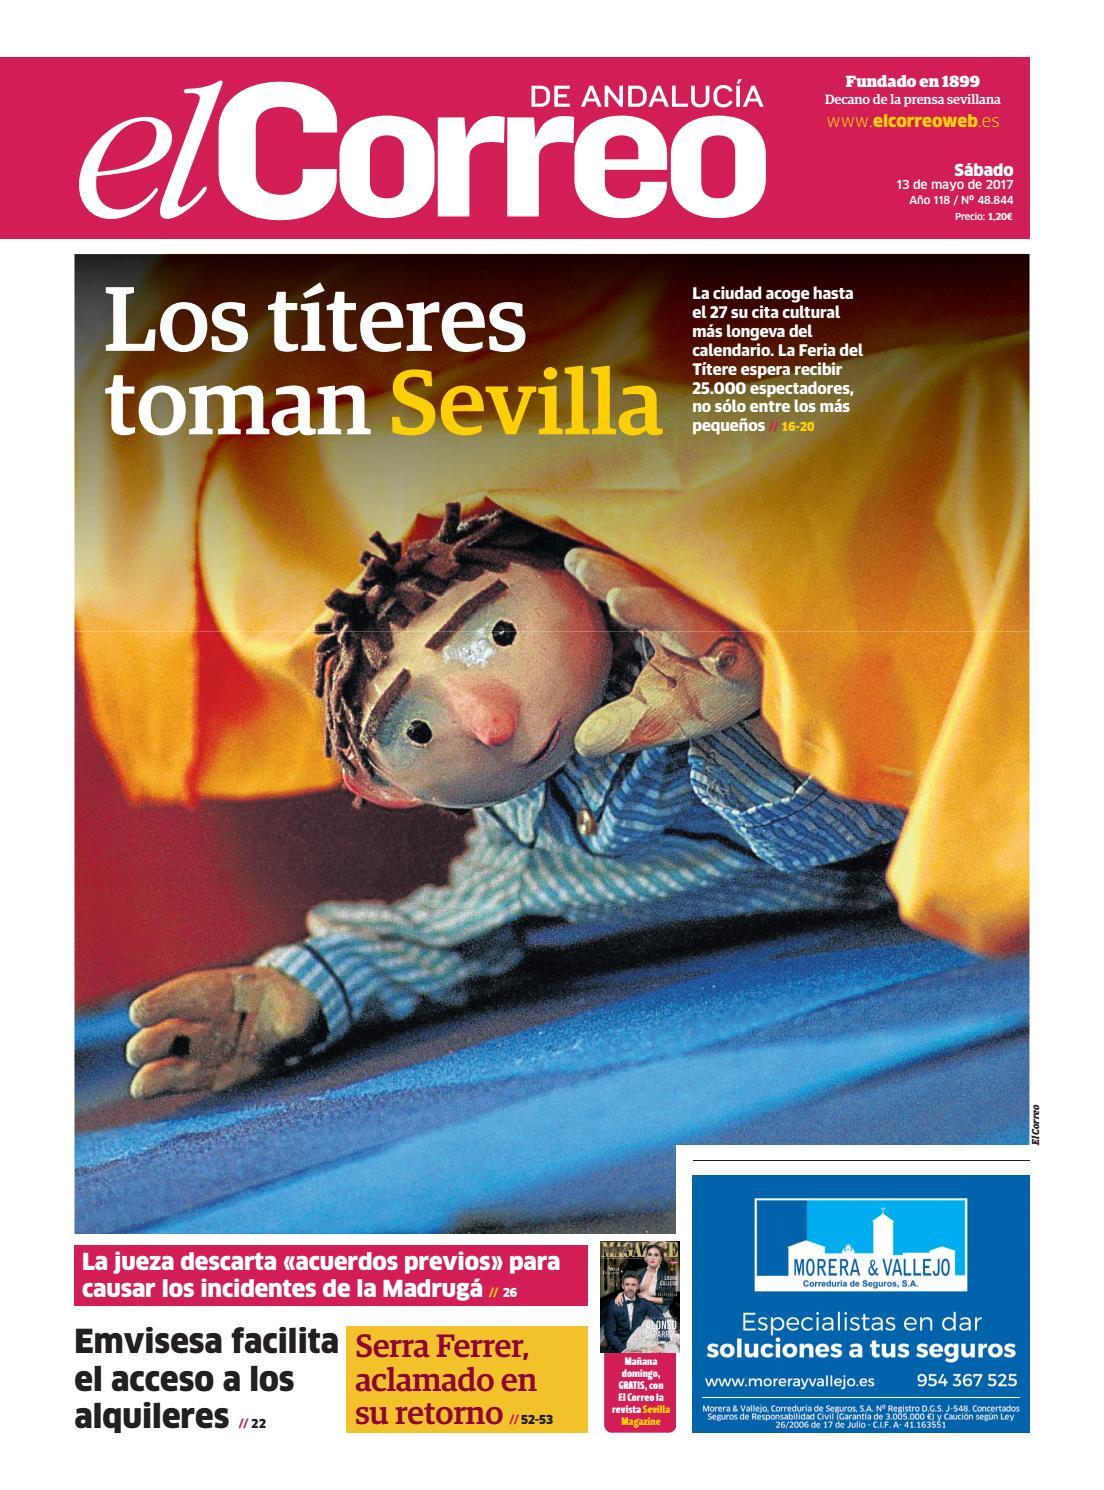 13 05 2017 El Correo de Andalucía by EL CORREO DE ANDALUCÍA S.L. - issuu